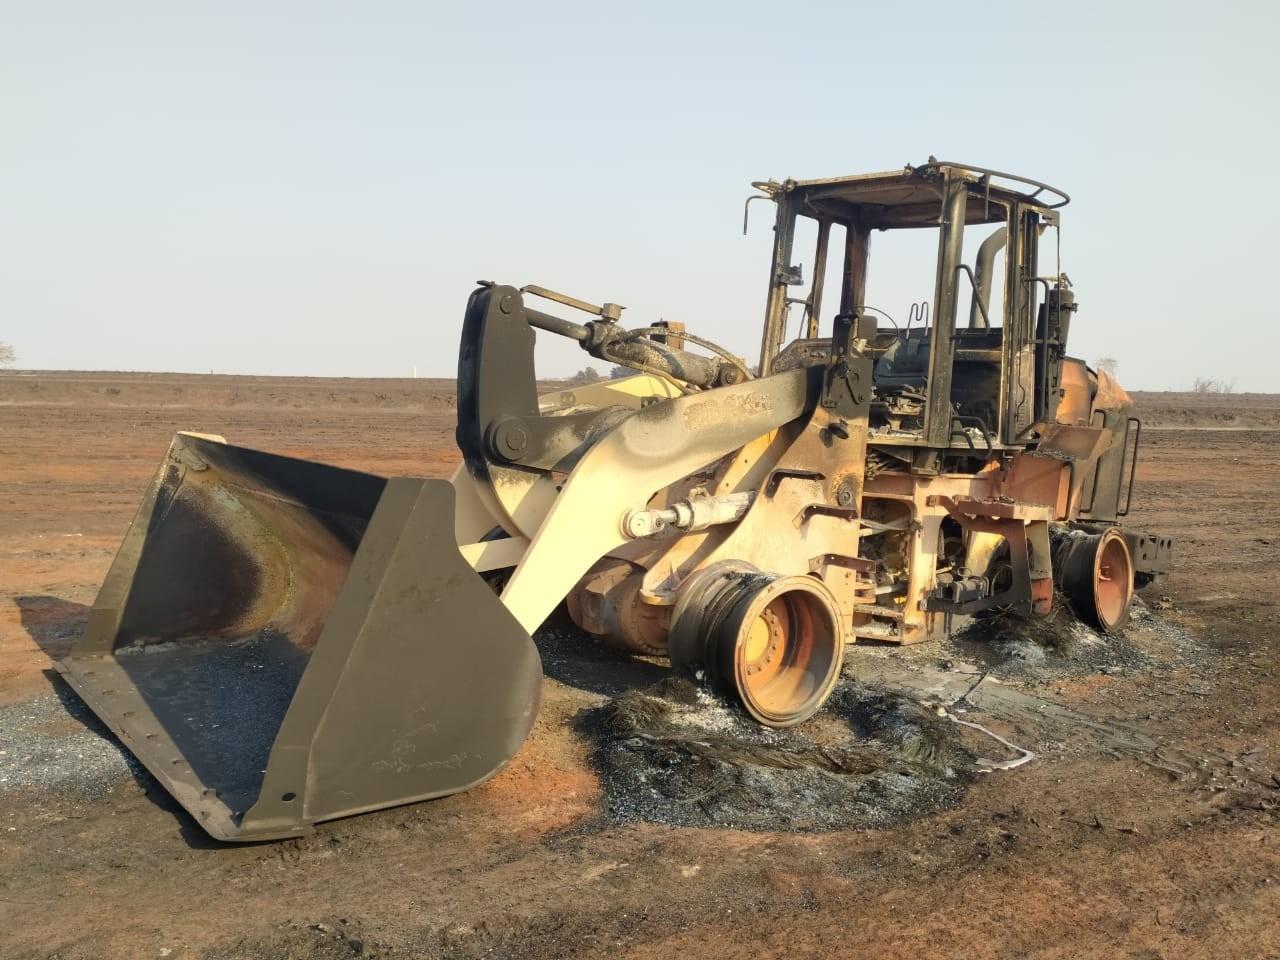 Funcionário de usina morre ao combater incêndio em canavial no interior de SP